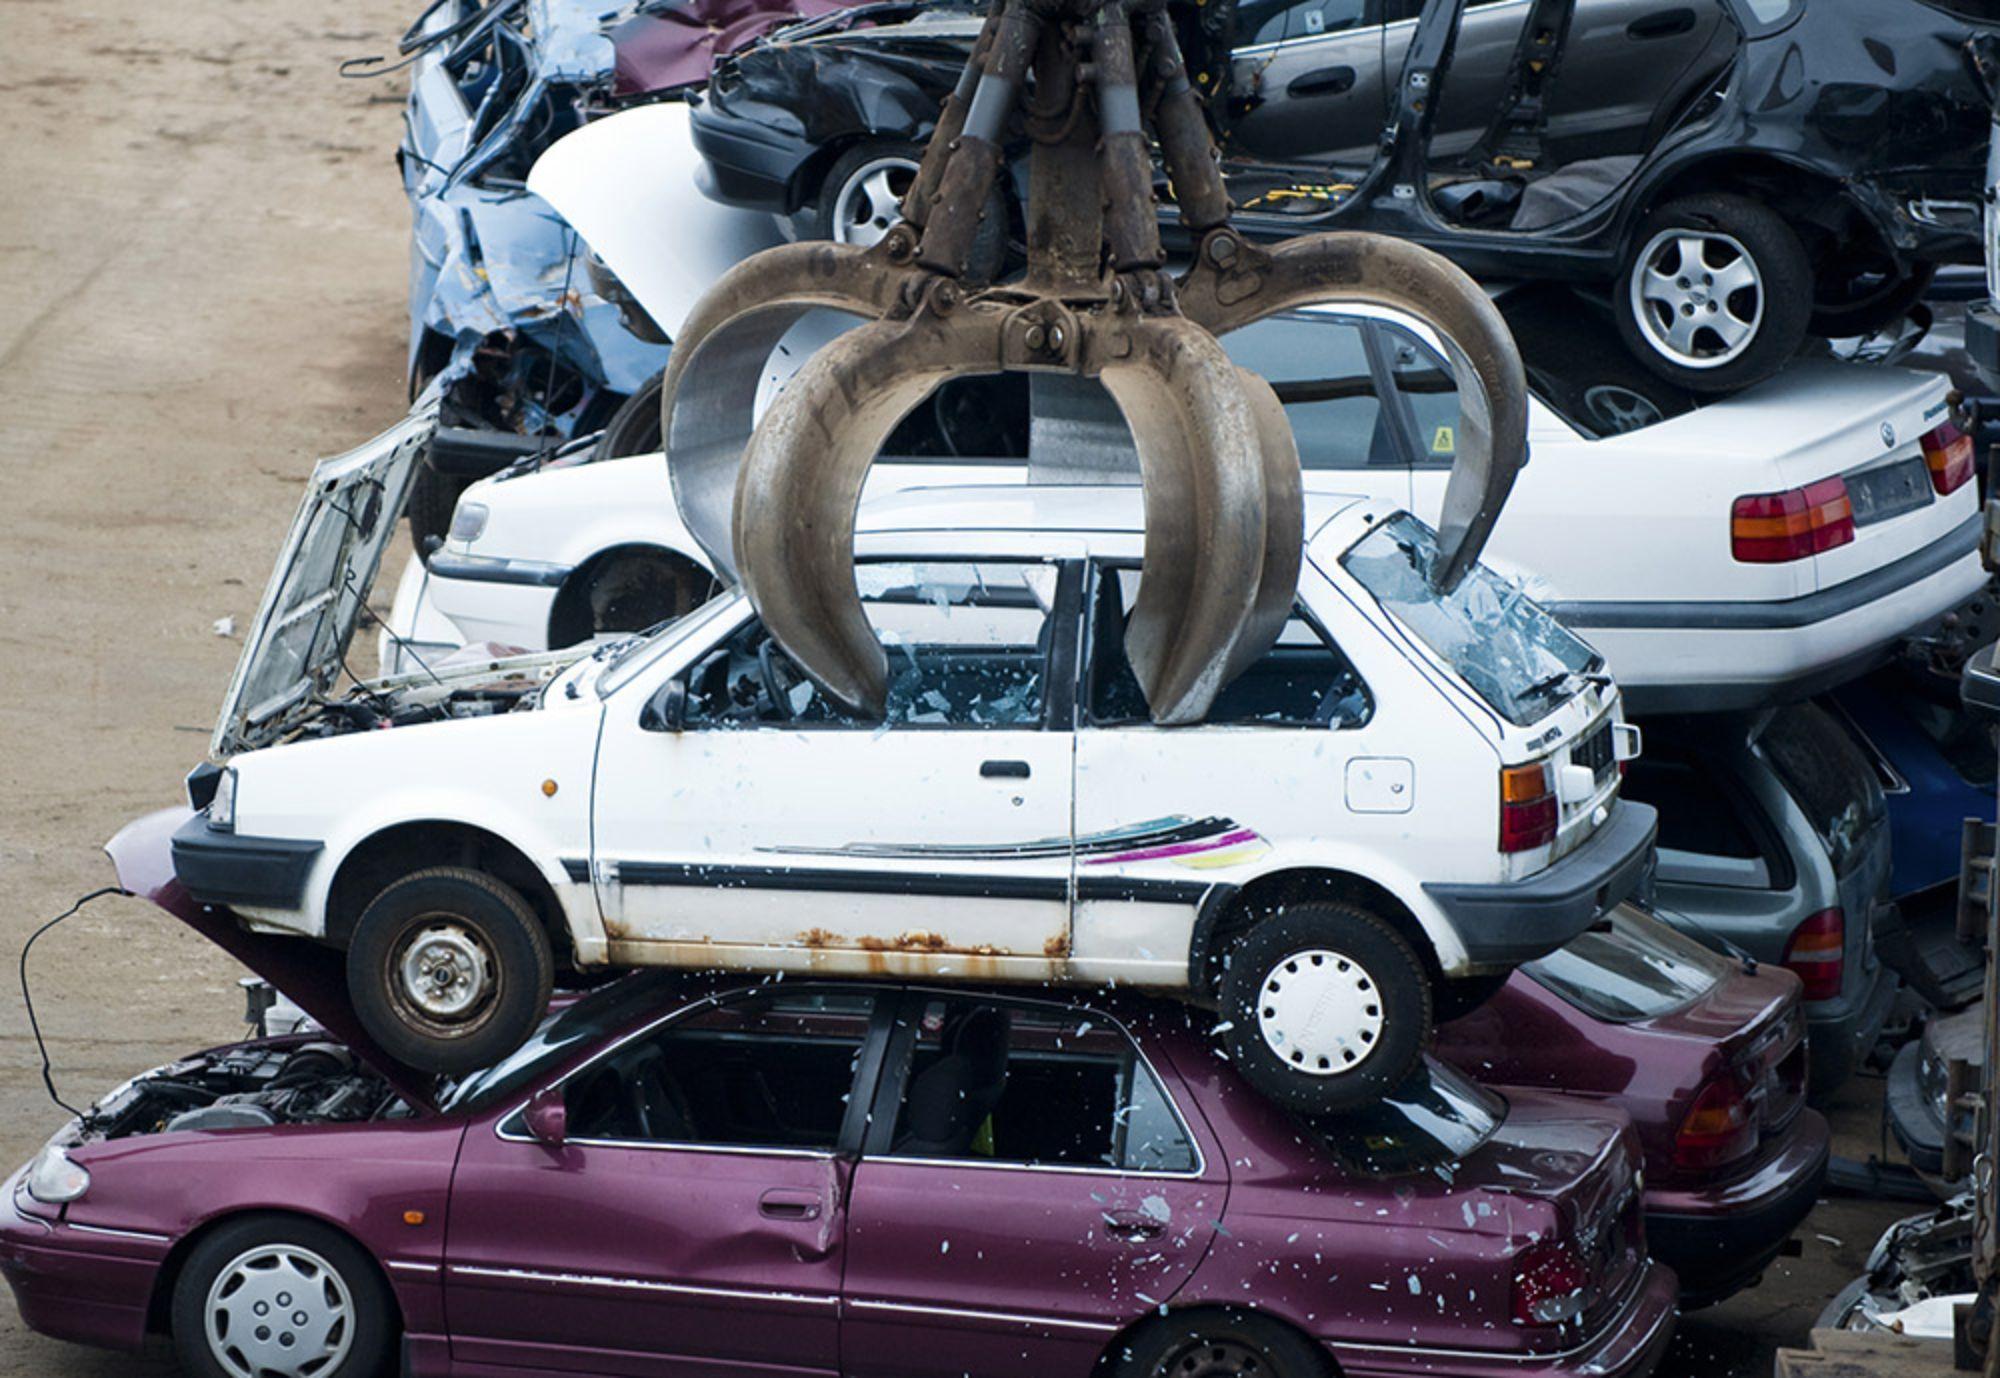 selge eller vrake bil